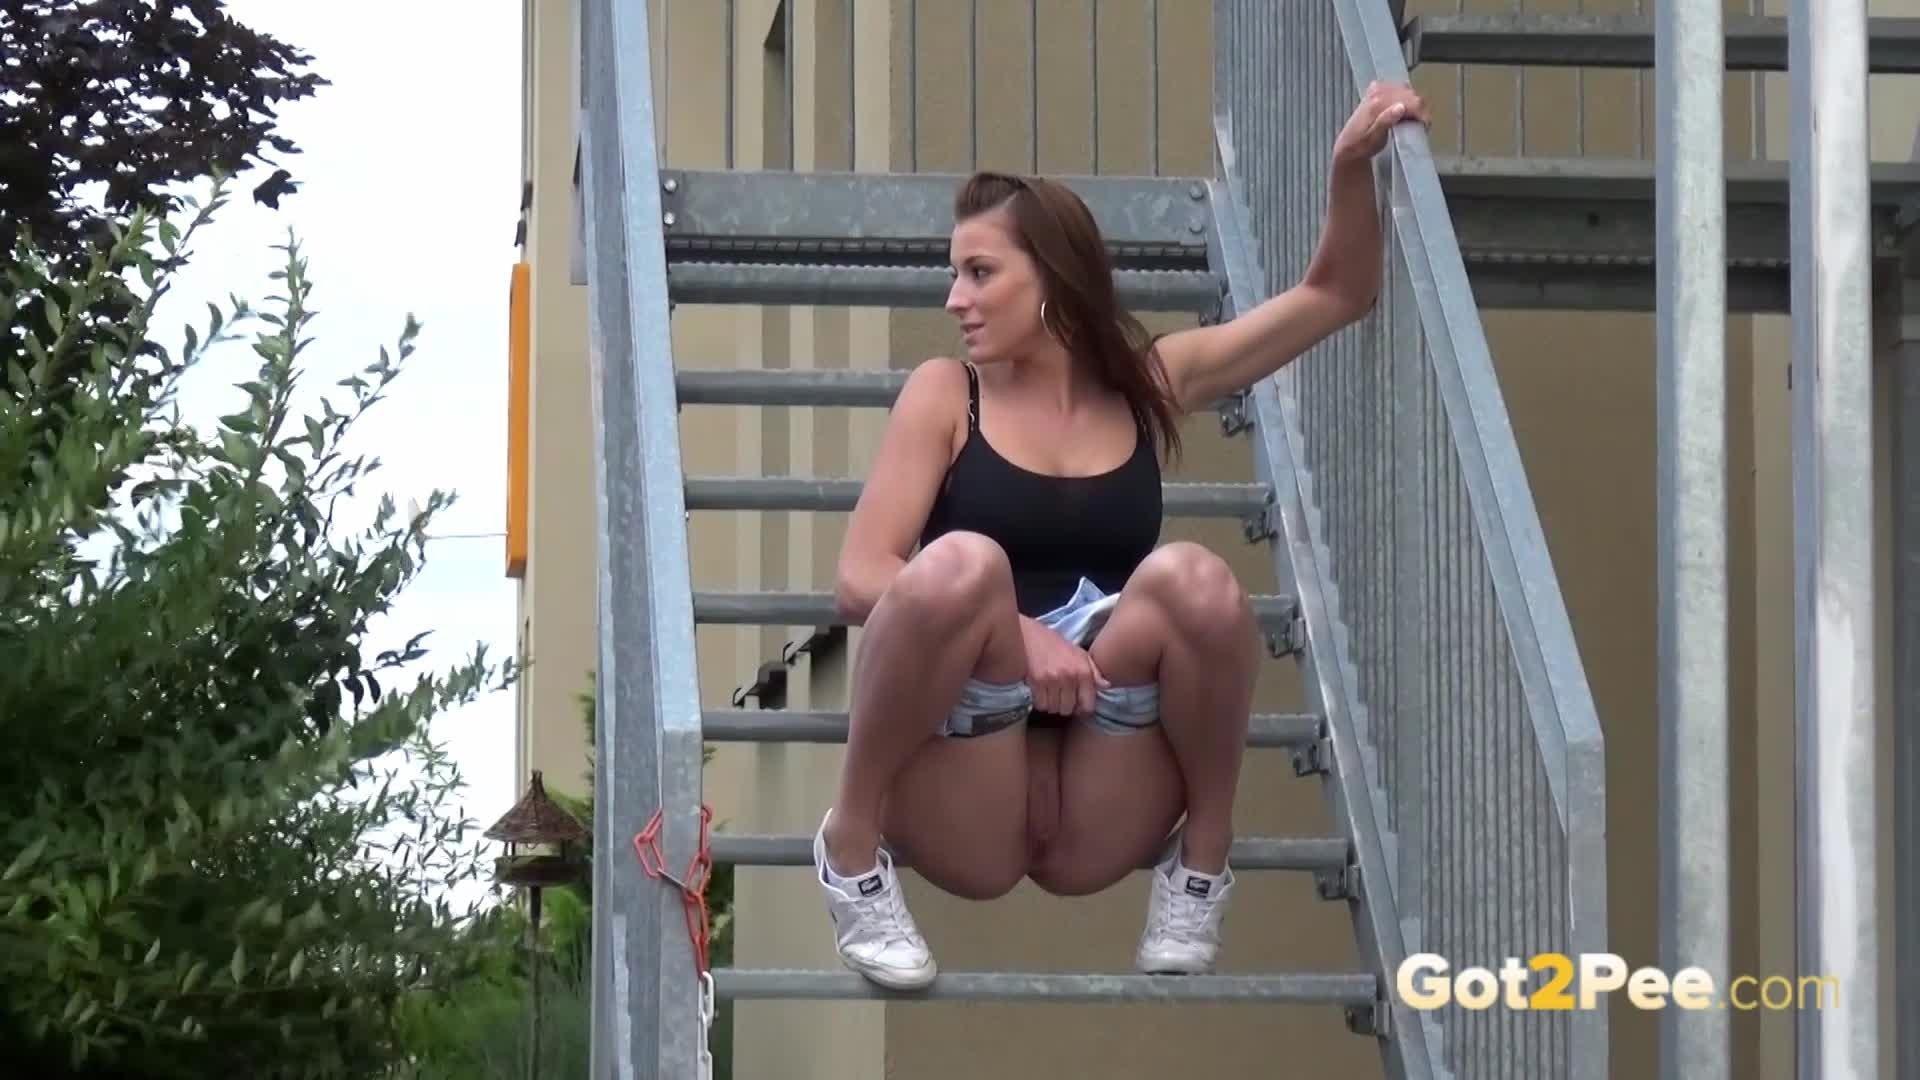 Бесстыжая девушка поссала на лестнице